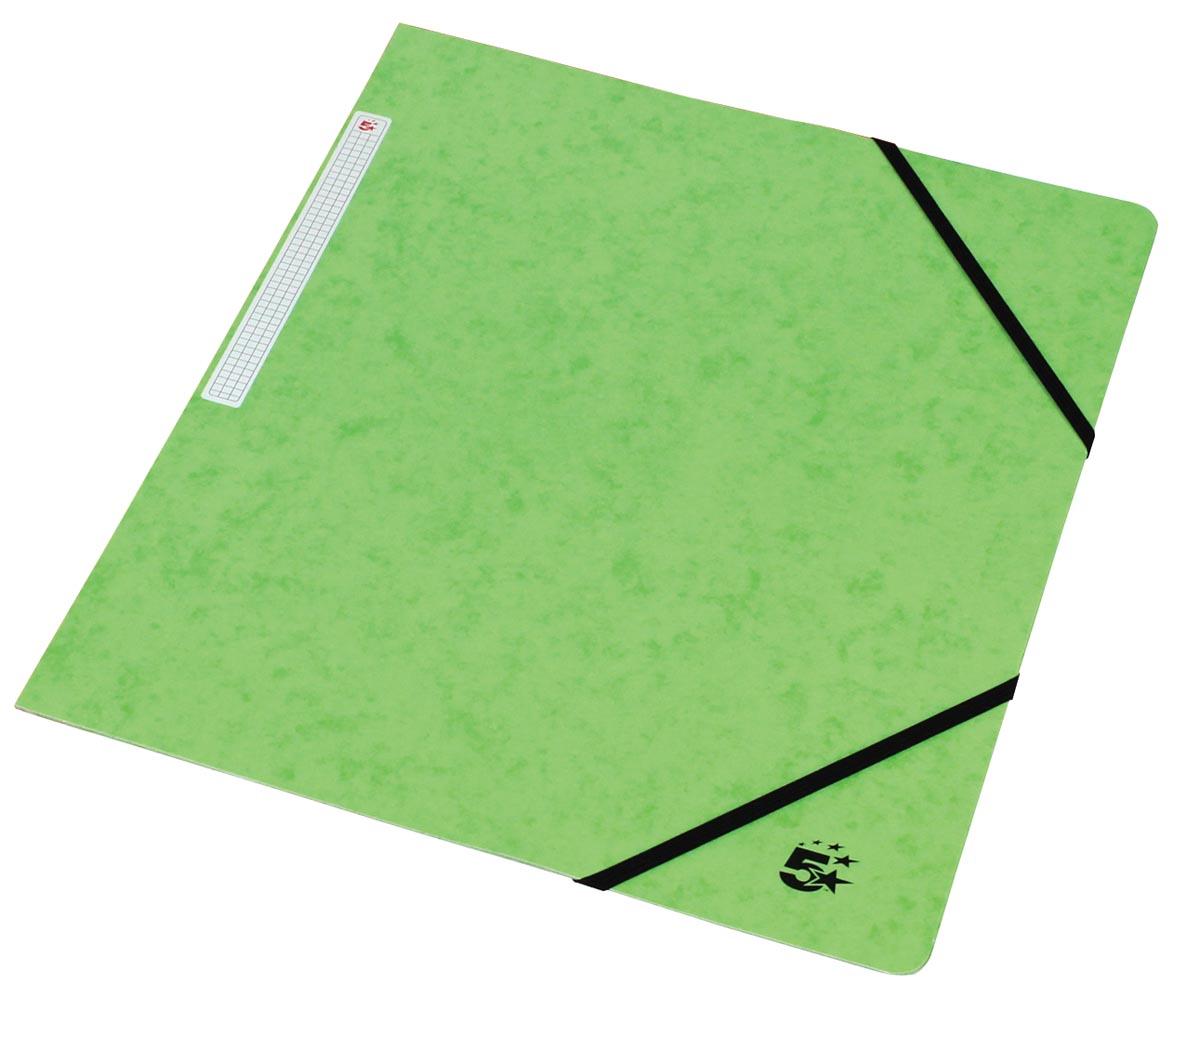 Pergamy elastomap, ft A4 (24x32 cm), met elastieken zonder kleppen, lichtgroen, pak van 10 stuks